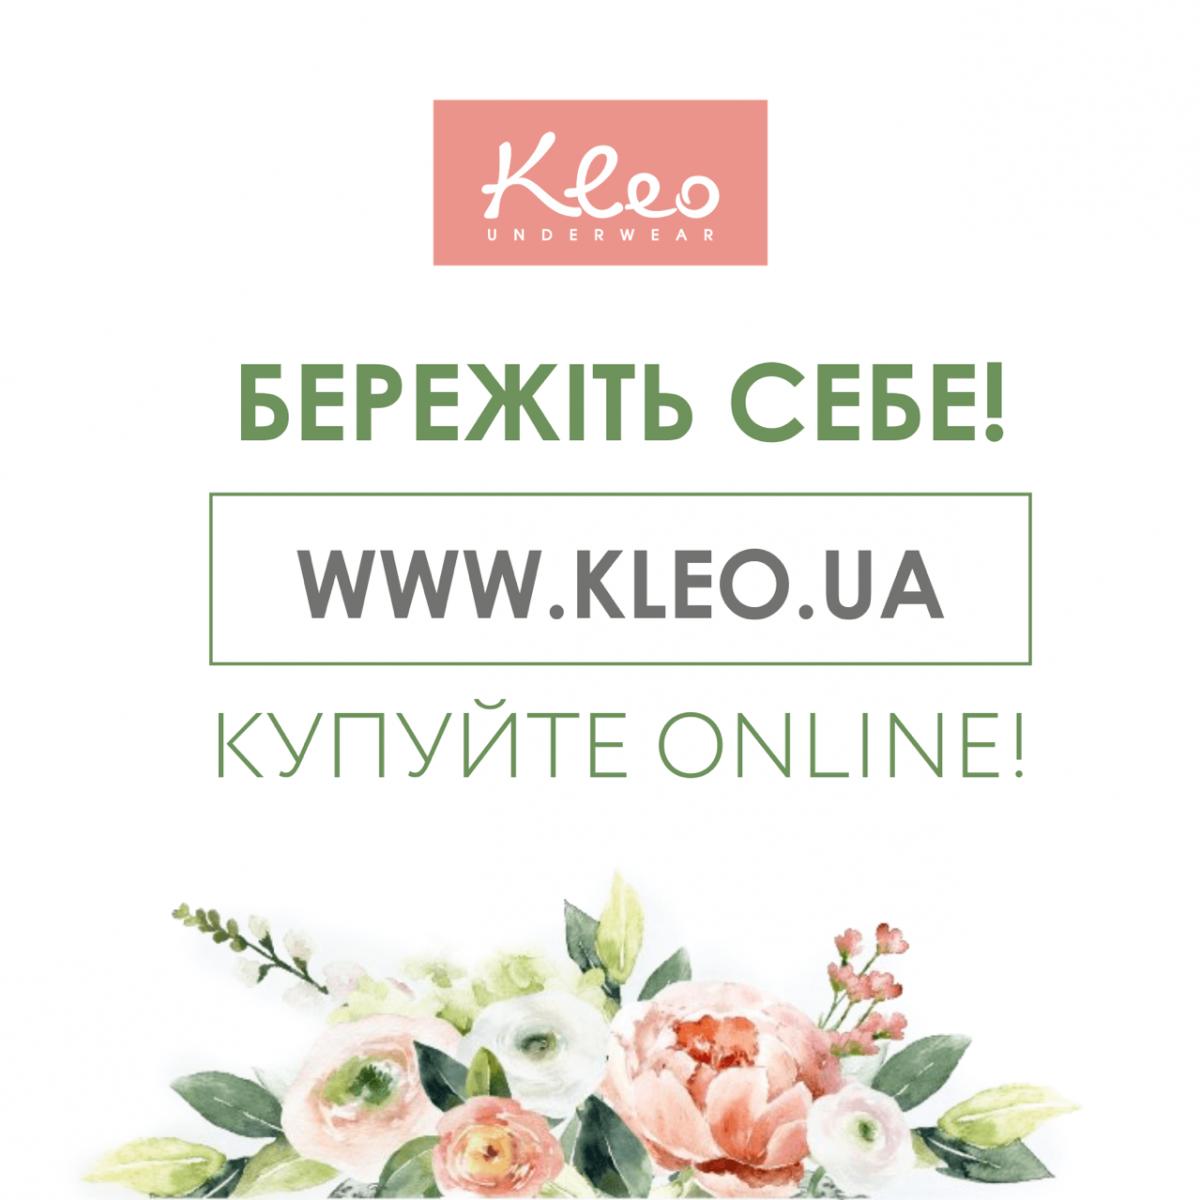 Kleo  працює онлайн!